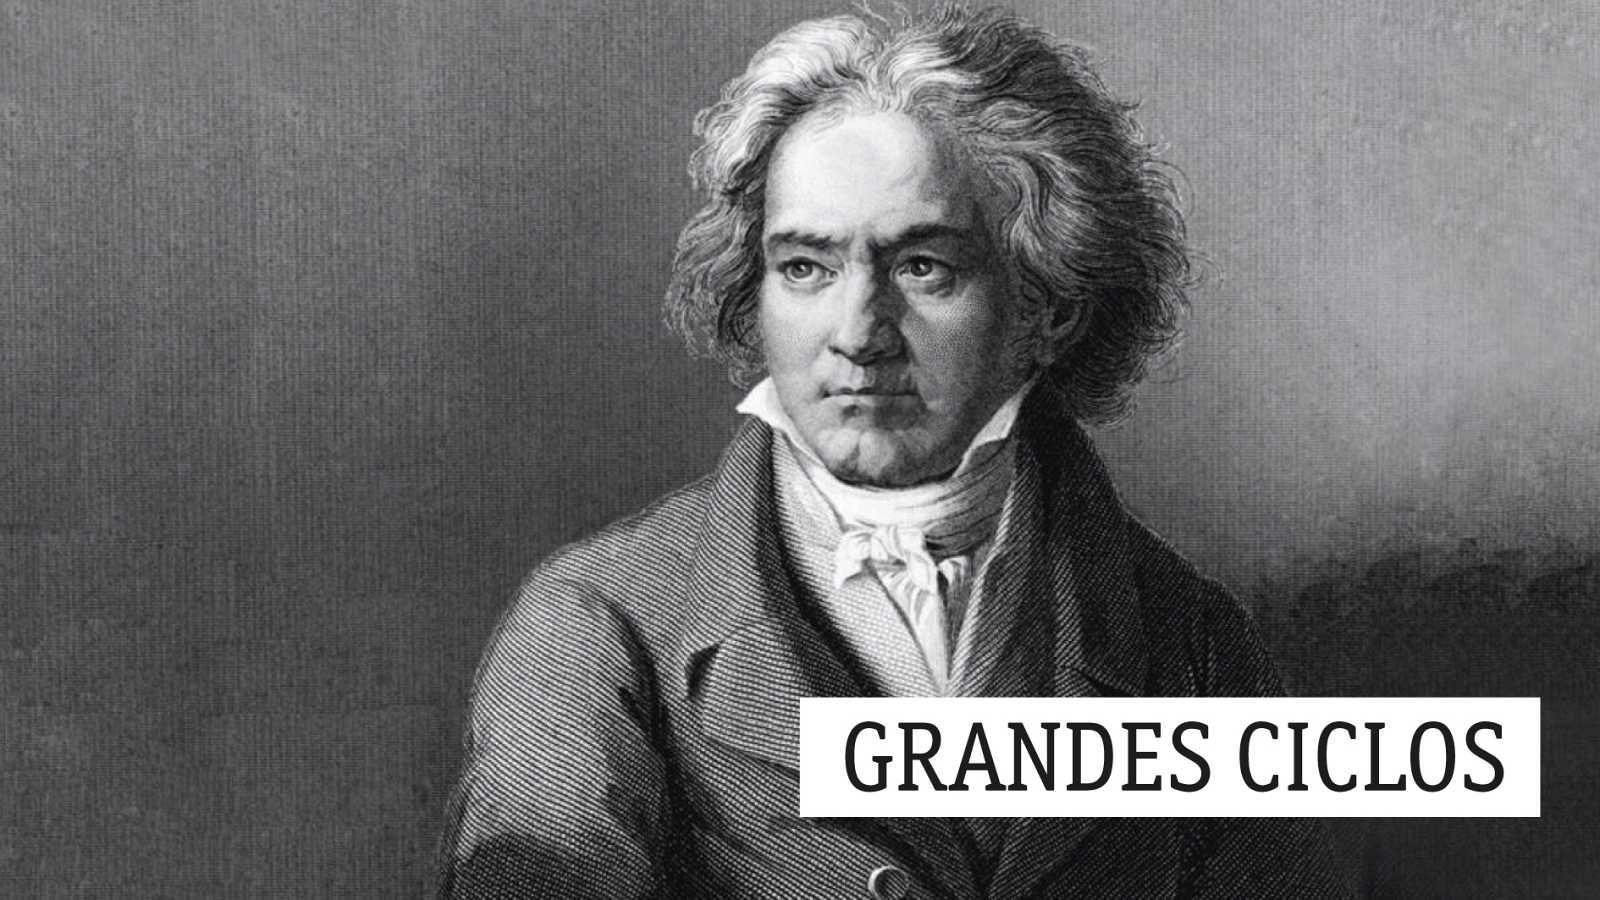 Grandes ciclos - L. van Beethoven (CXXXVIII): La oración fúnebre de Grillparzer - 29/12/20 - escuchar ahora